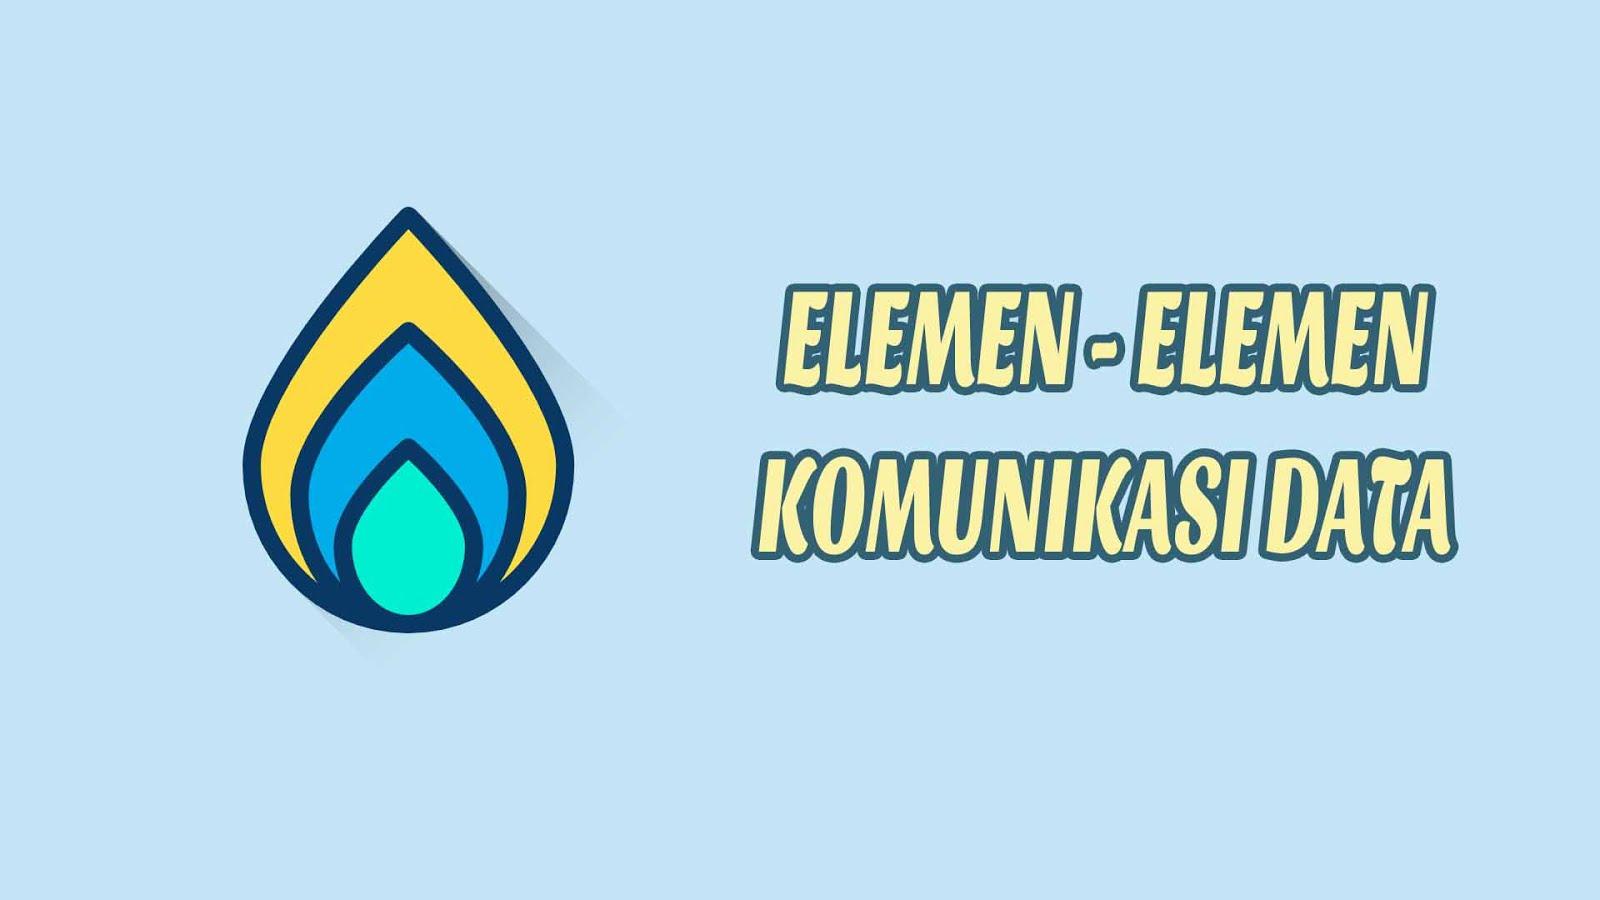 Elemen-elemen-komunikasi-data